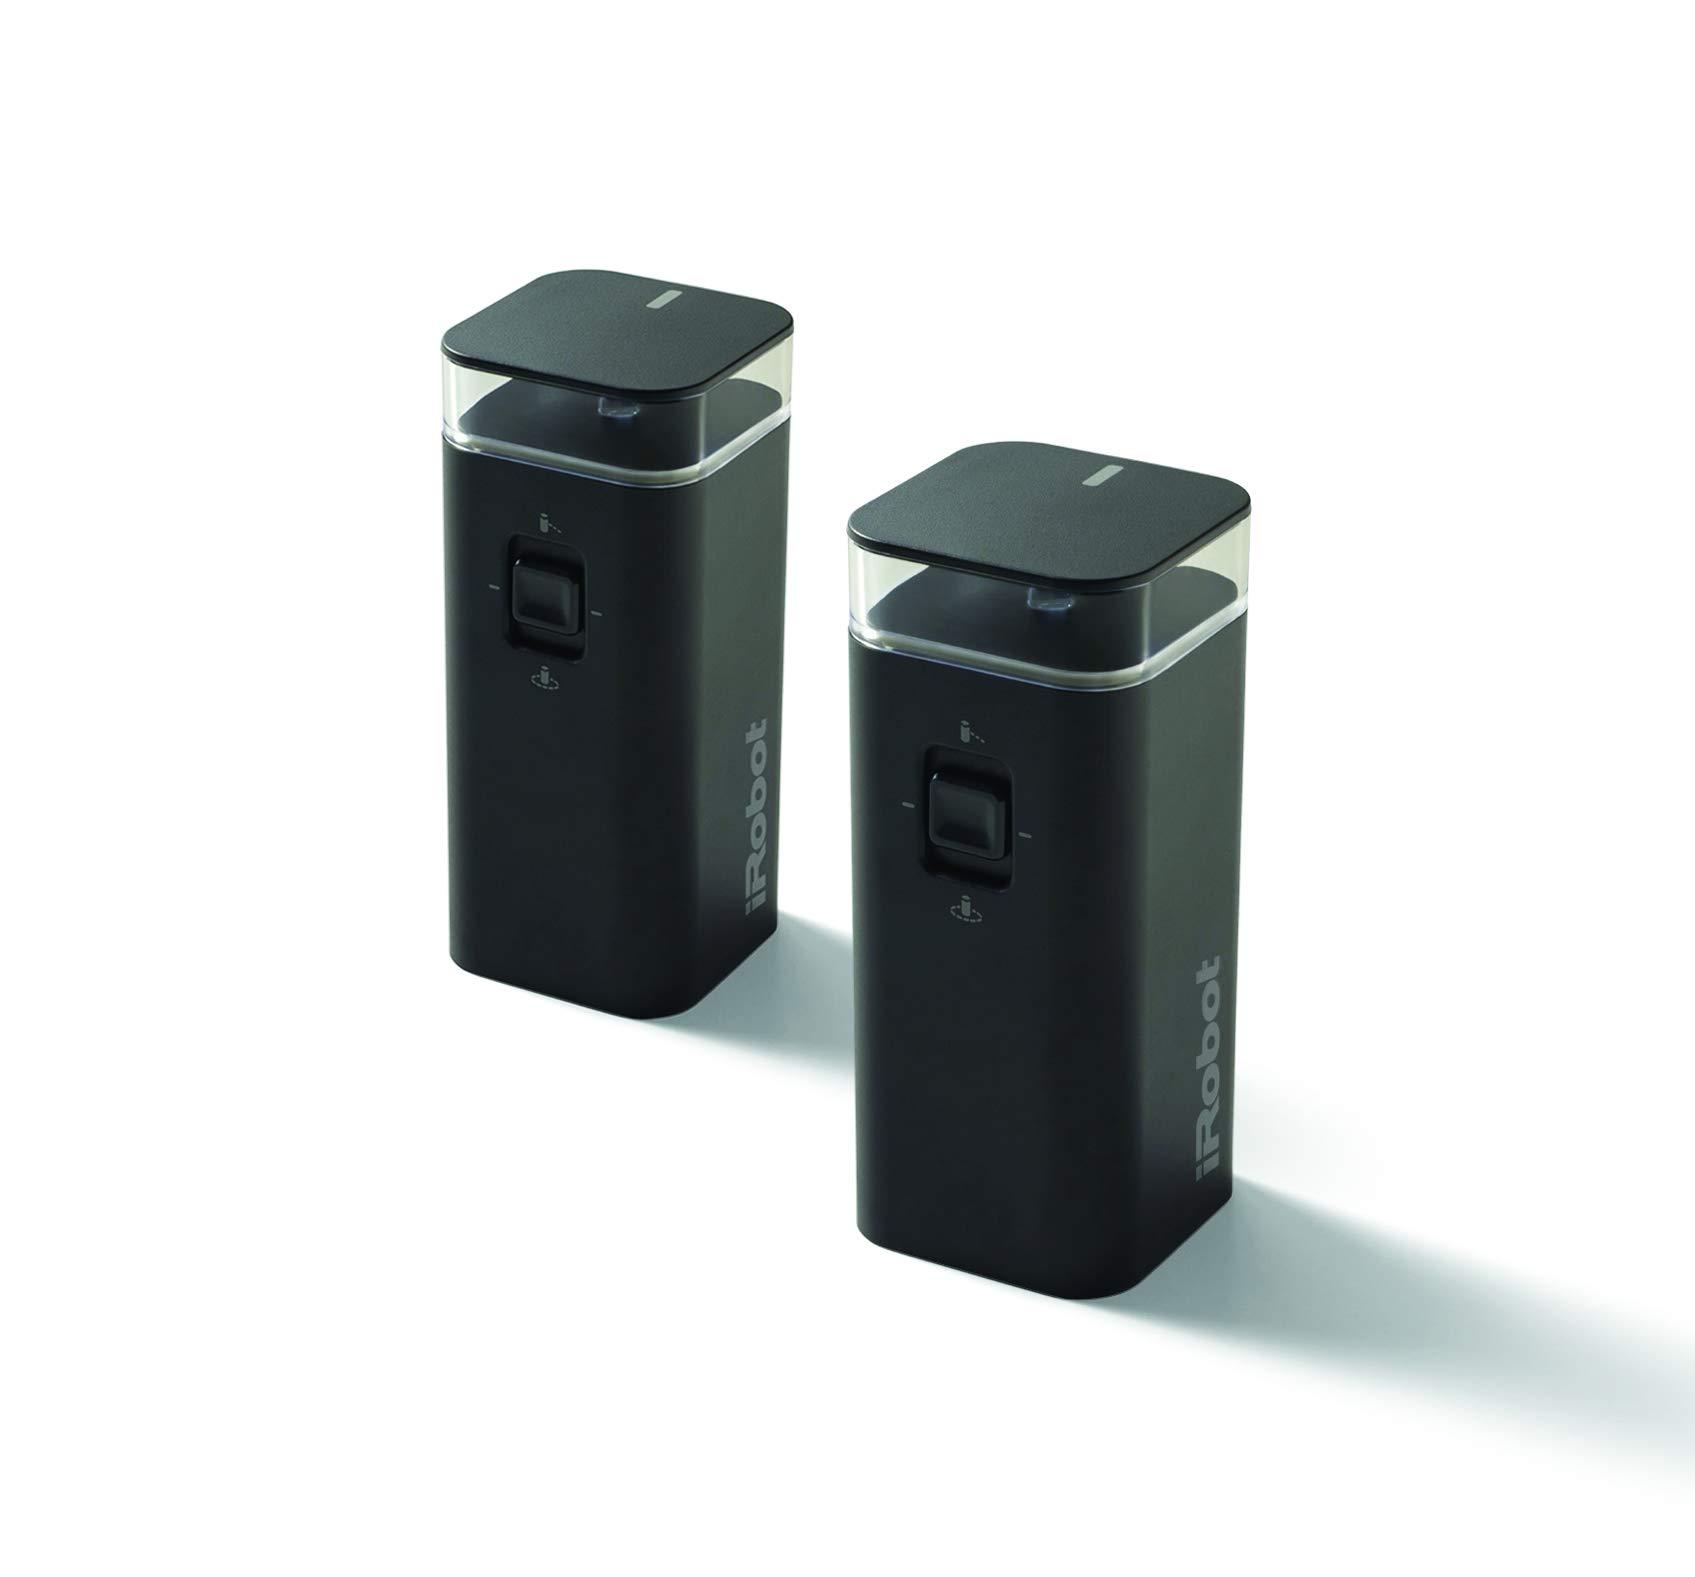 iRobot Dual Mode Virtual Wall Barrier, 2-Pack Accessories, Black